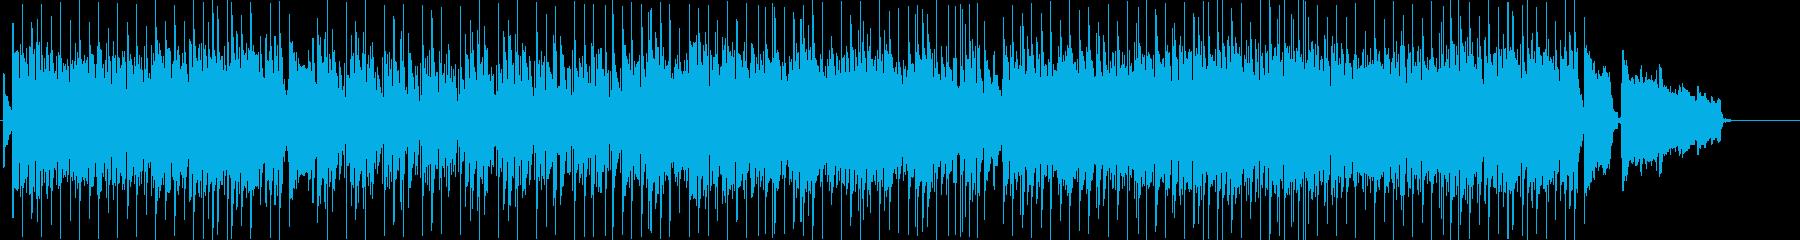 テレビ ラジオ 番組 CM テーマ曲の再生済みの波形